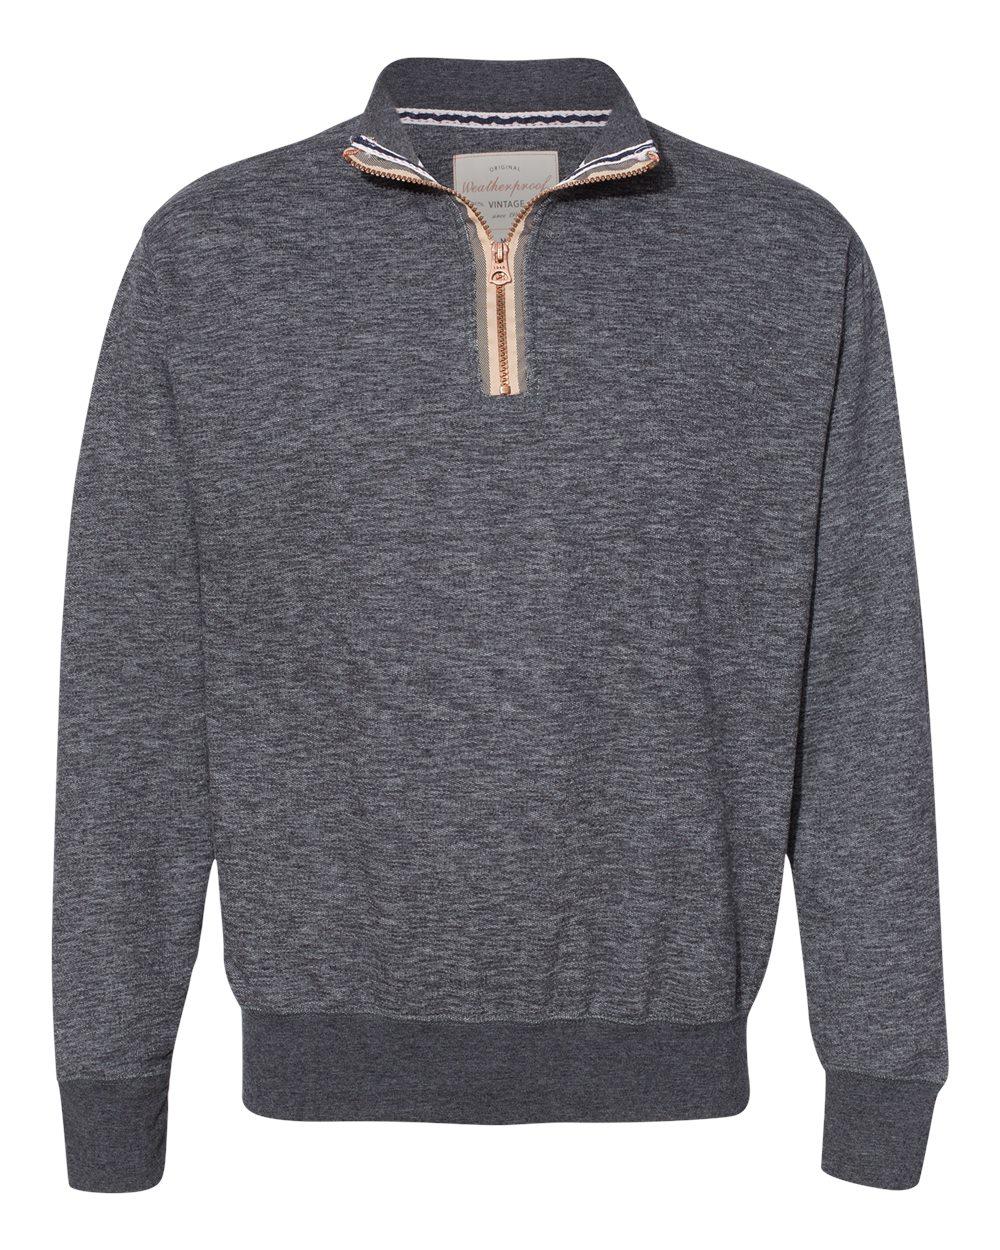 Weatherproof 198775 - Marled Quarter-Zip Sweatshirt